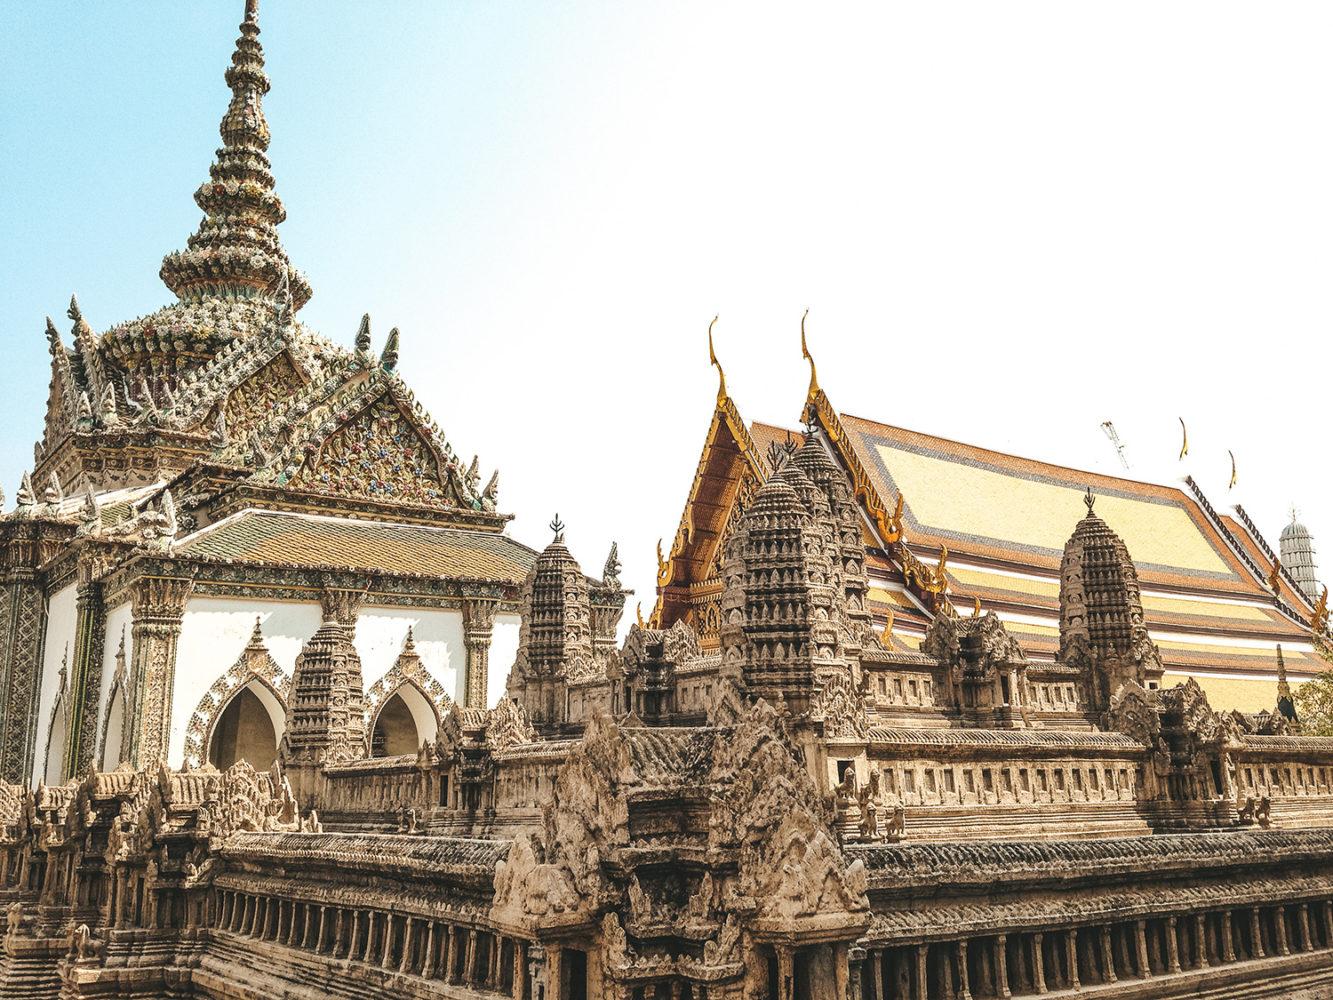 Phra Sawet Kudakhan Wihan Yot